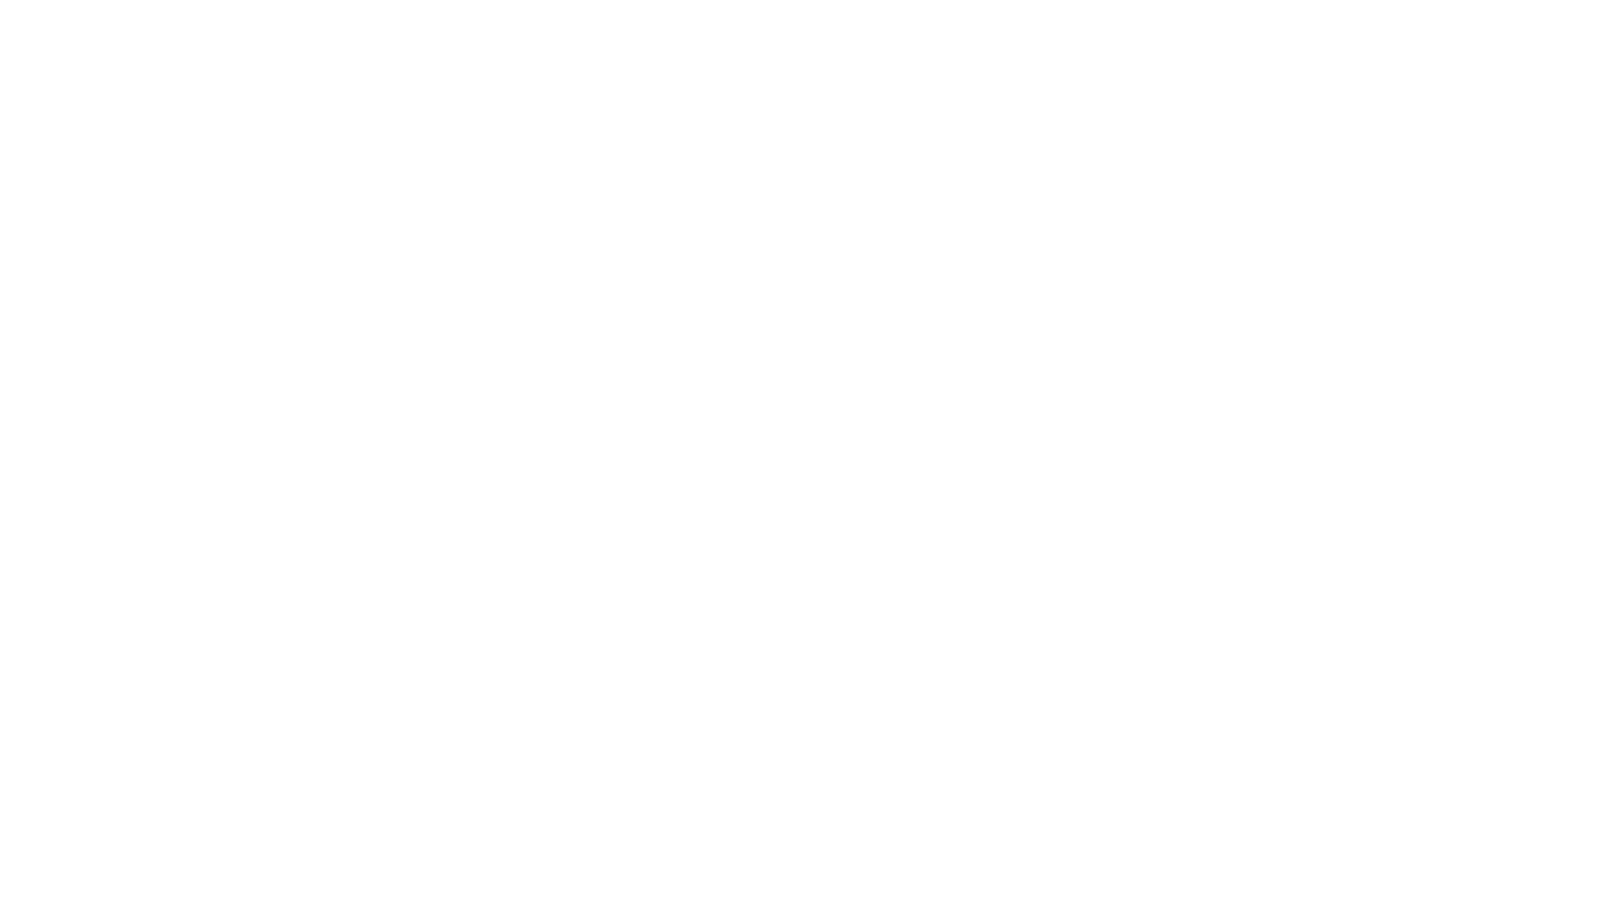 👉 Ofertas Super Maxi Quinta e Sexta Filé, válidas enquanto durarem os estoques,  somente nos dias 22/04 e 23/04/2021. Confira nossas ofertas: https://redesupermaxi.com.br/ofertas-do-dia/quintaesextafile/ 💻 Acesse: www.redesupermaxi.com.br #supermaxi #supermercado #uberlandia #uberaba #montealegre #quintaesextafile